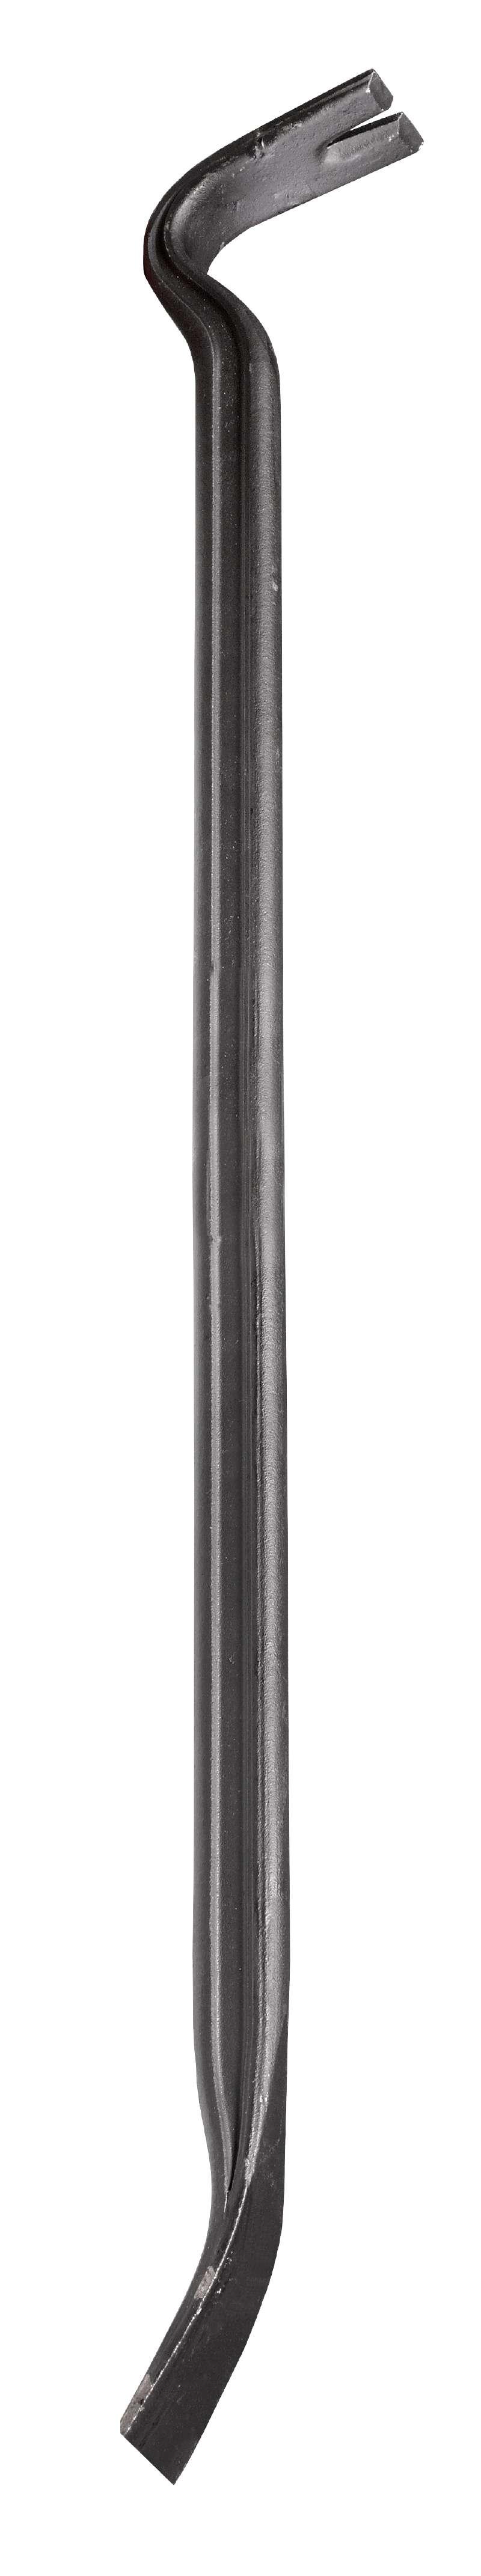 Монтировка Kwb 4543-80